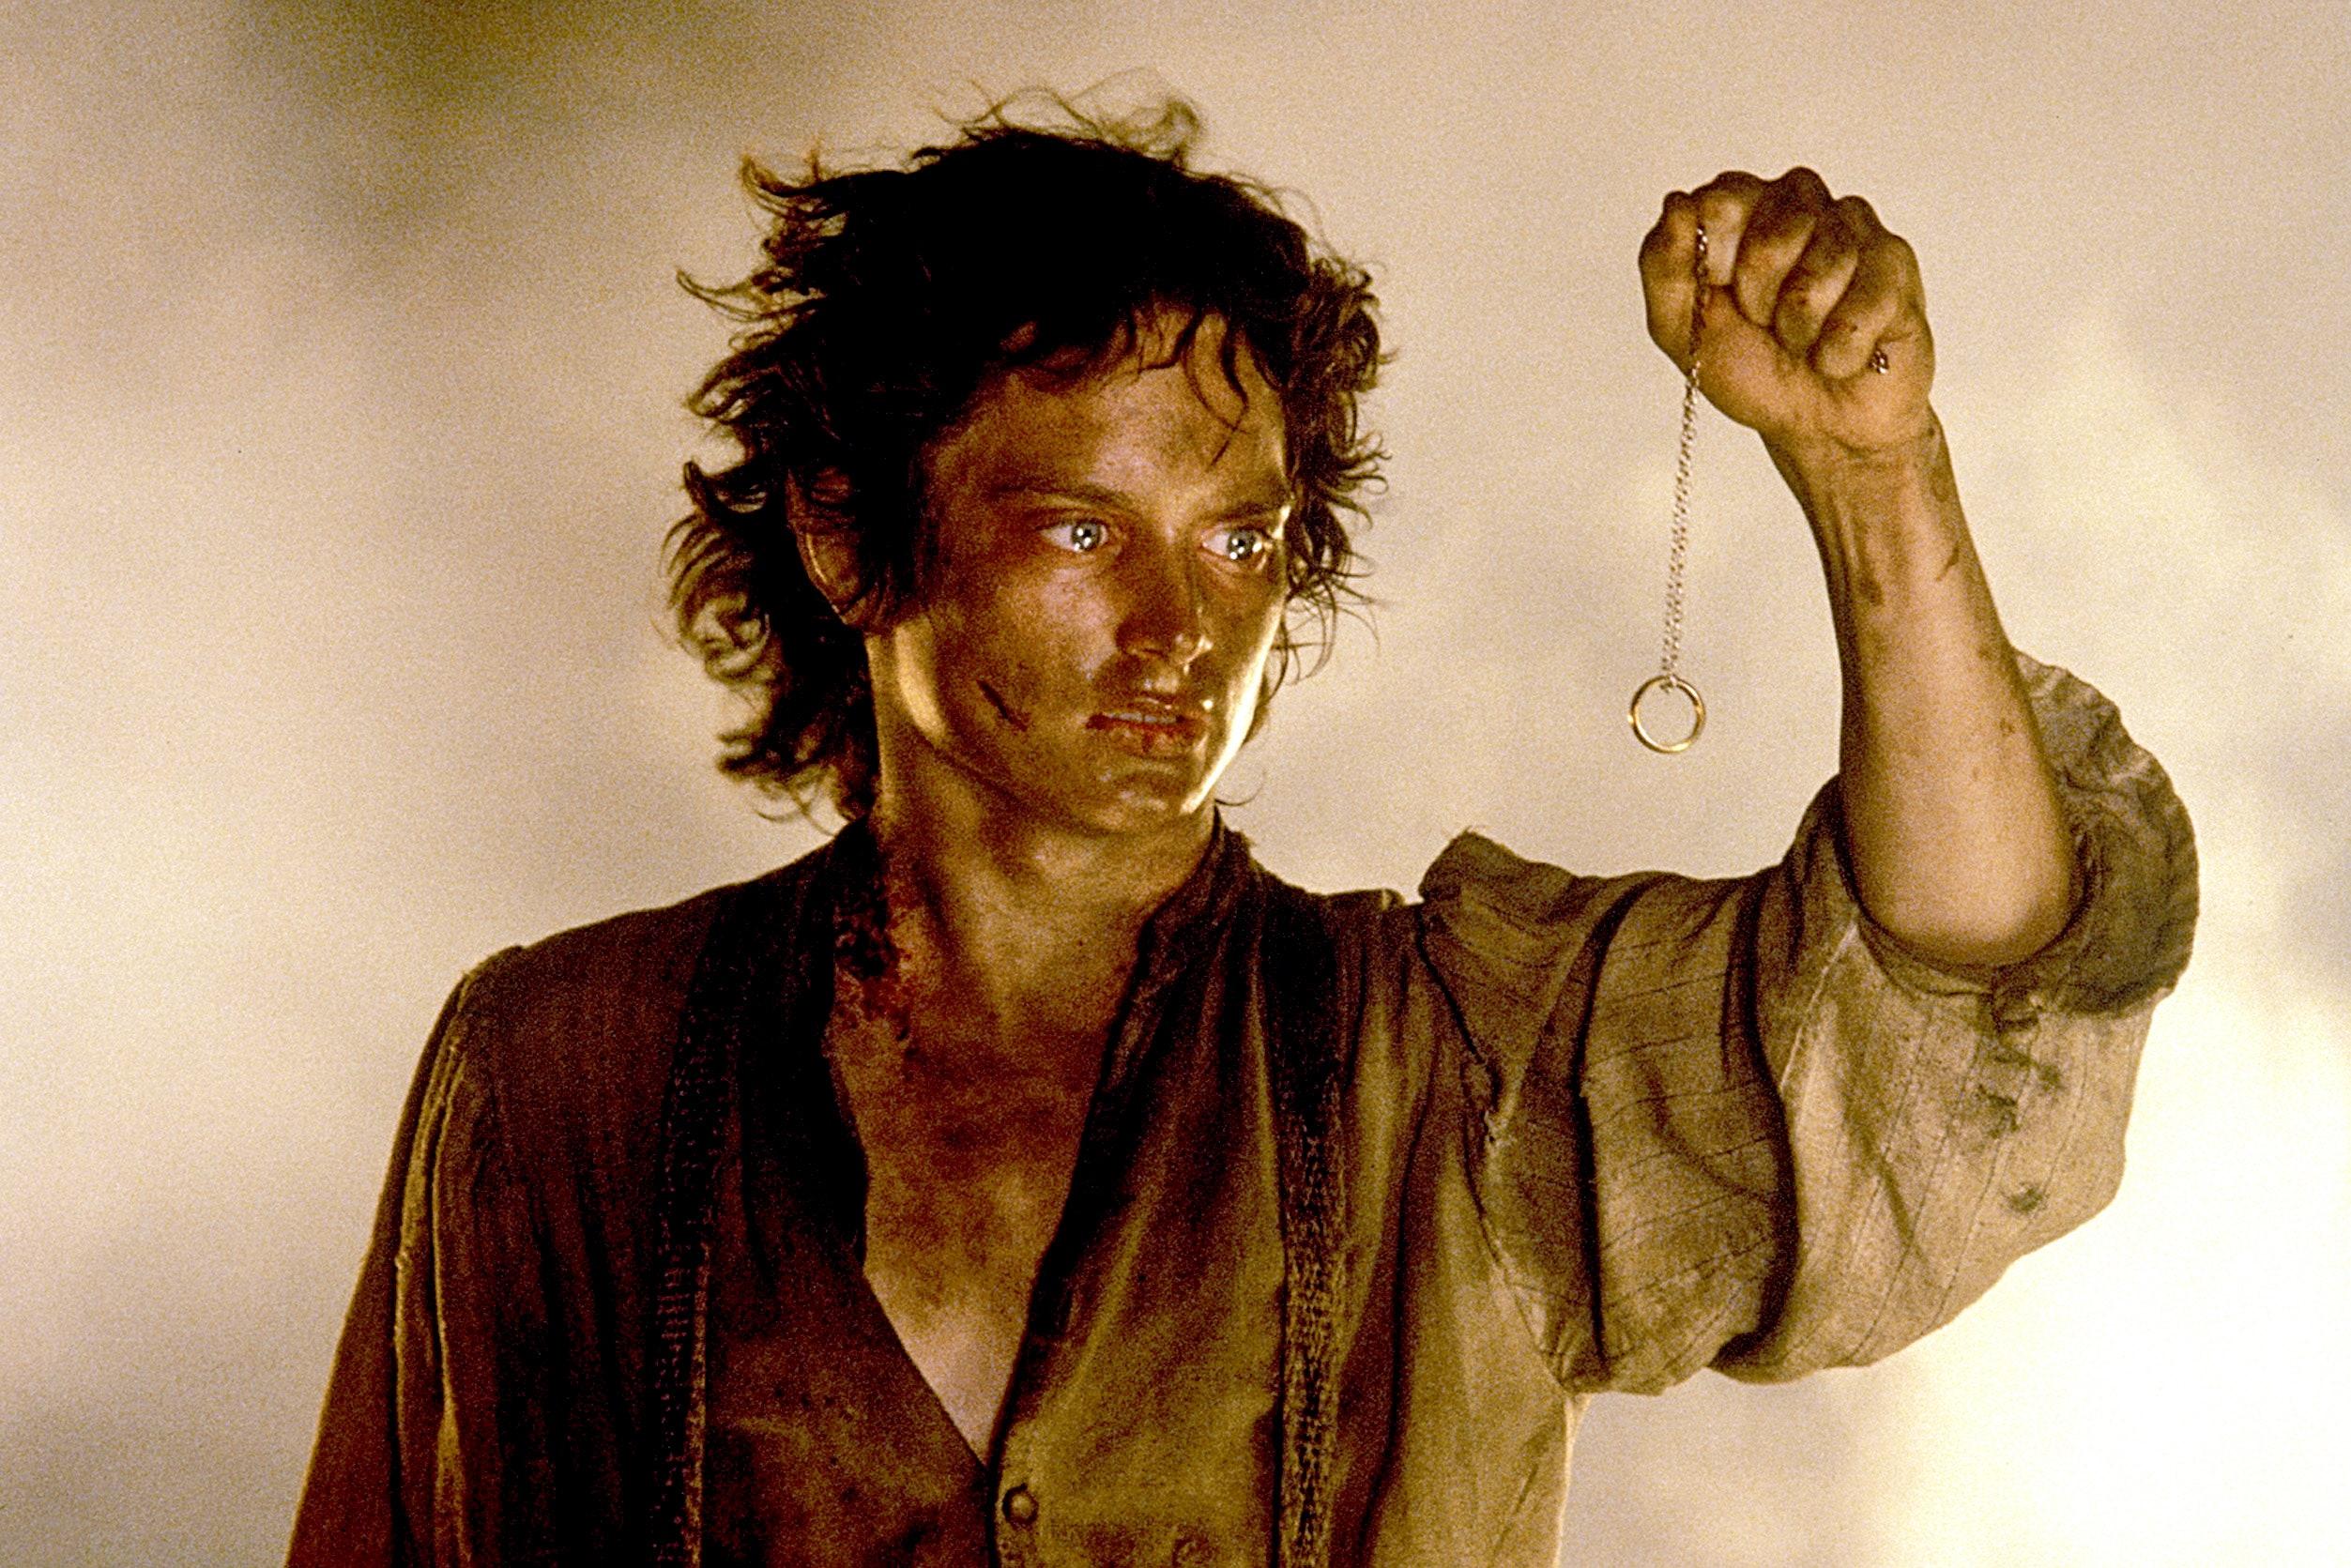 سریال Lord of the Rings اکنون در حال فیلمبرداری در نیوزیلند بوده و دو اپیزود ابتدایی توسط بایونا کارگردانی خواهند شد.